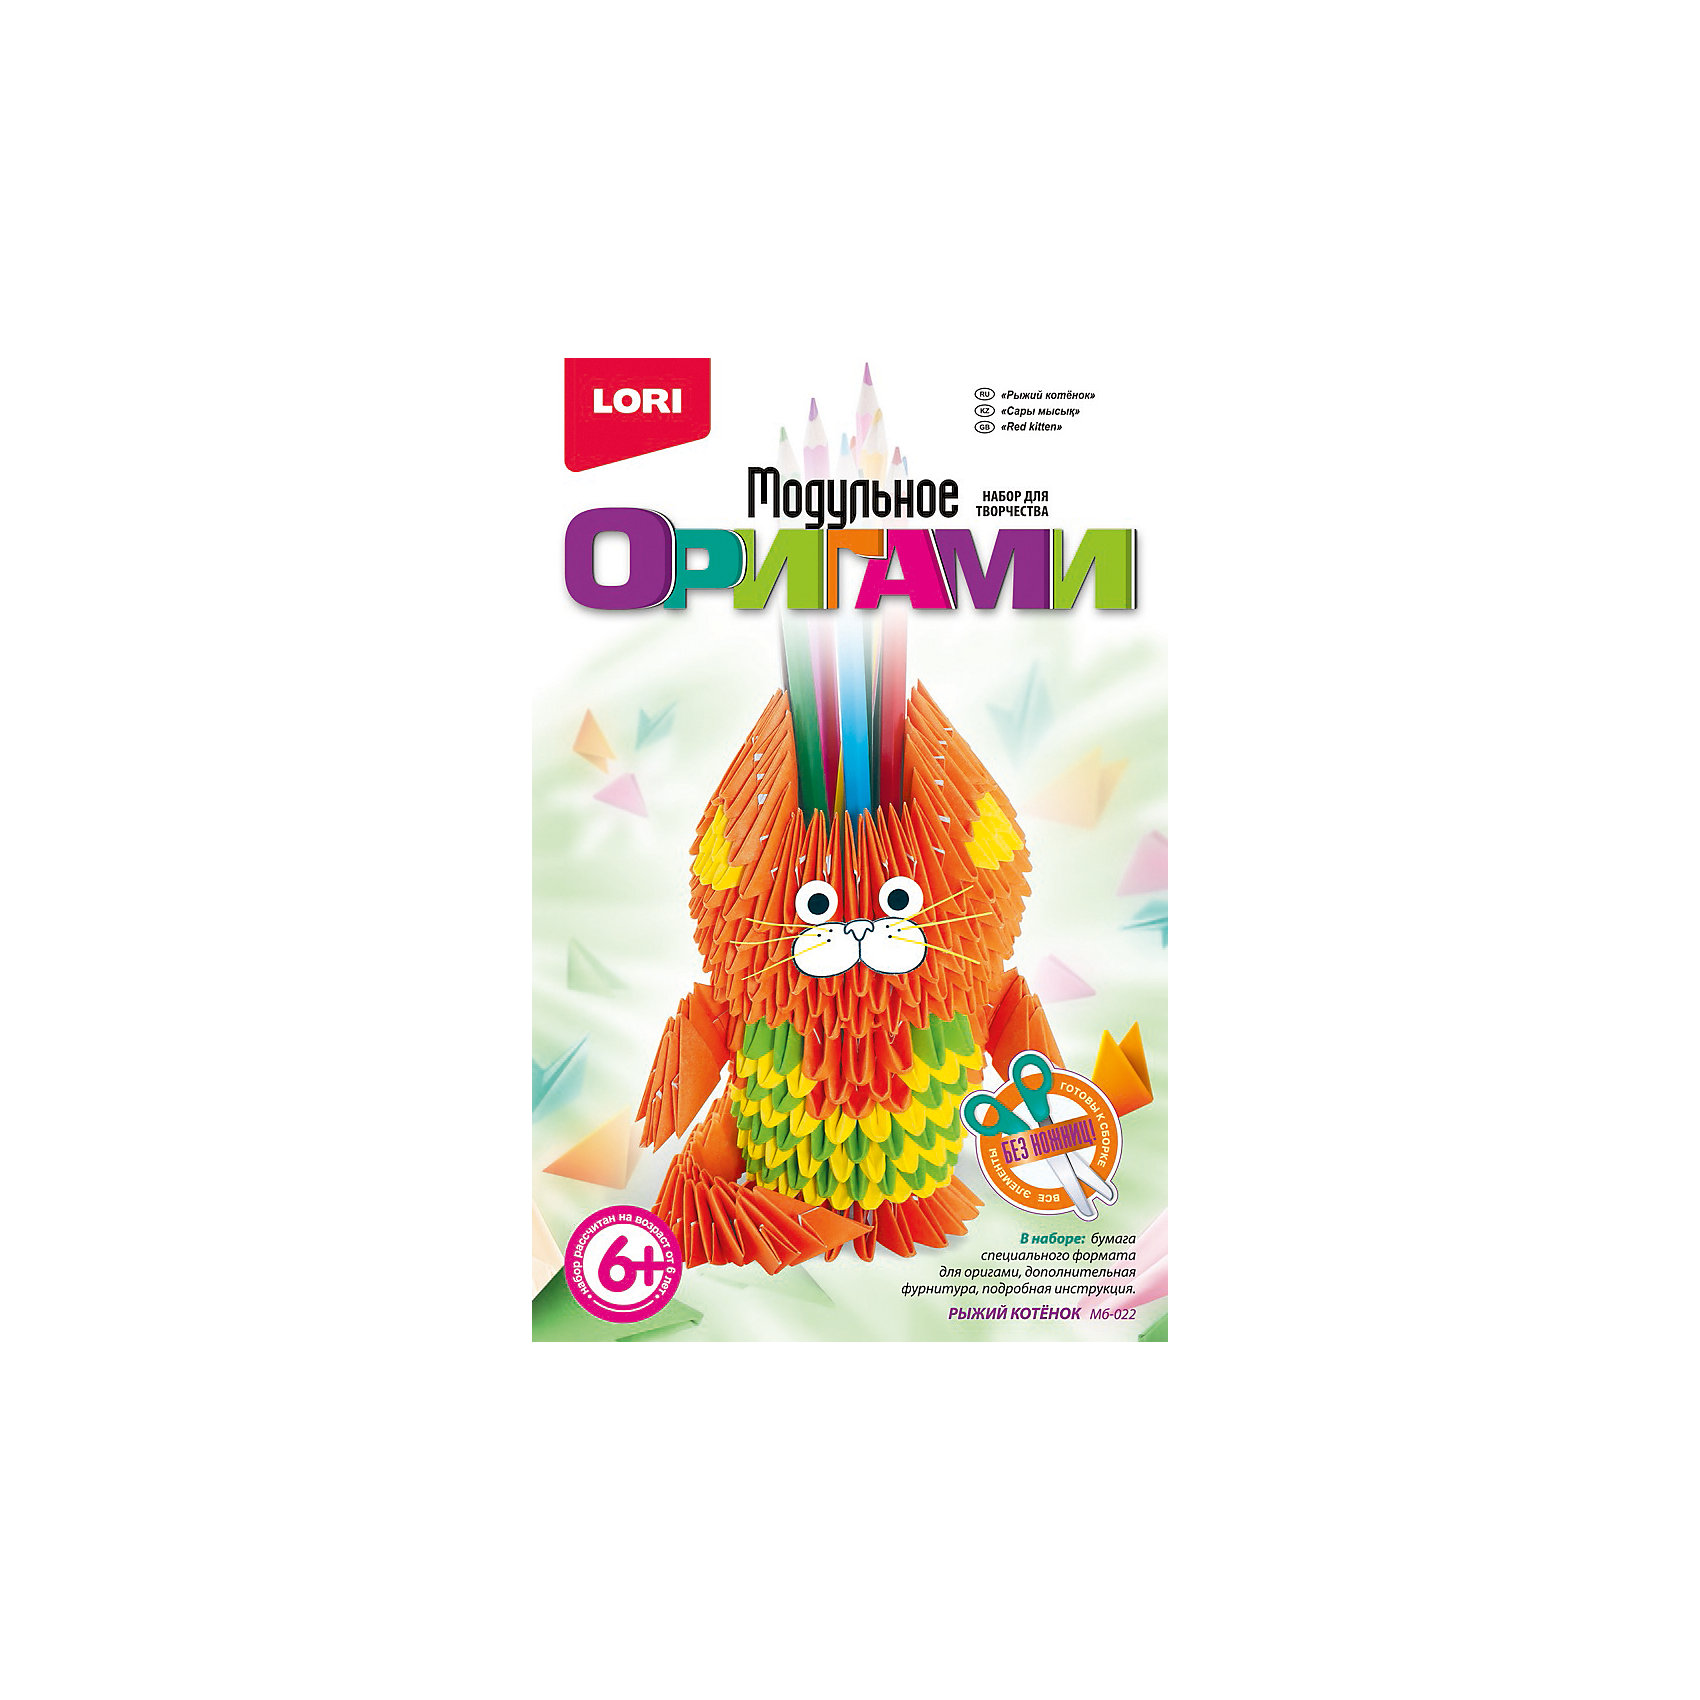 Модульное оригами Рыжий котенокРукоделие<br>Объемные фигуры из бумаги всегда смотрятся очень красиво и необычно. С помощью этого набора ребенок сможет изучить удивительную технику оригами. Более простая по сравнению с классическим оригами, она в то же время является очень увлекательным занятием, которое понравится не только детям, но и взрослым. <br>Занятия с данным набором способствуют развитию внимания, памяти, пространственного и образного мышления, развивают мелкую моторику, воспитывают терпение и аккуратность.<br><br>Дополнительная информация:<br><br>- Материал: бумага.<br>- Размер упаковки: 13,5х21 см.<br>- Комплектация: бумага специального формата для оригами, инструкция.<br><br>Модульное оригами Рыжий котенок можно купить в нашем магазине.<br><br>Ширина мм: 370<br>Глубина мм: 250<br>Высота мм: 155<br>Вес г: 230<br>Возраст от месяцев: 72<br>Возраст до месяцев: 2147483647<br>Пол: Унисекс<br>Возраст: Детский<br>SKU: 4561184